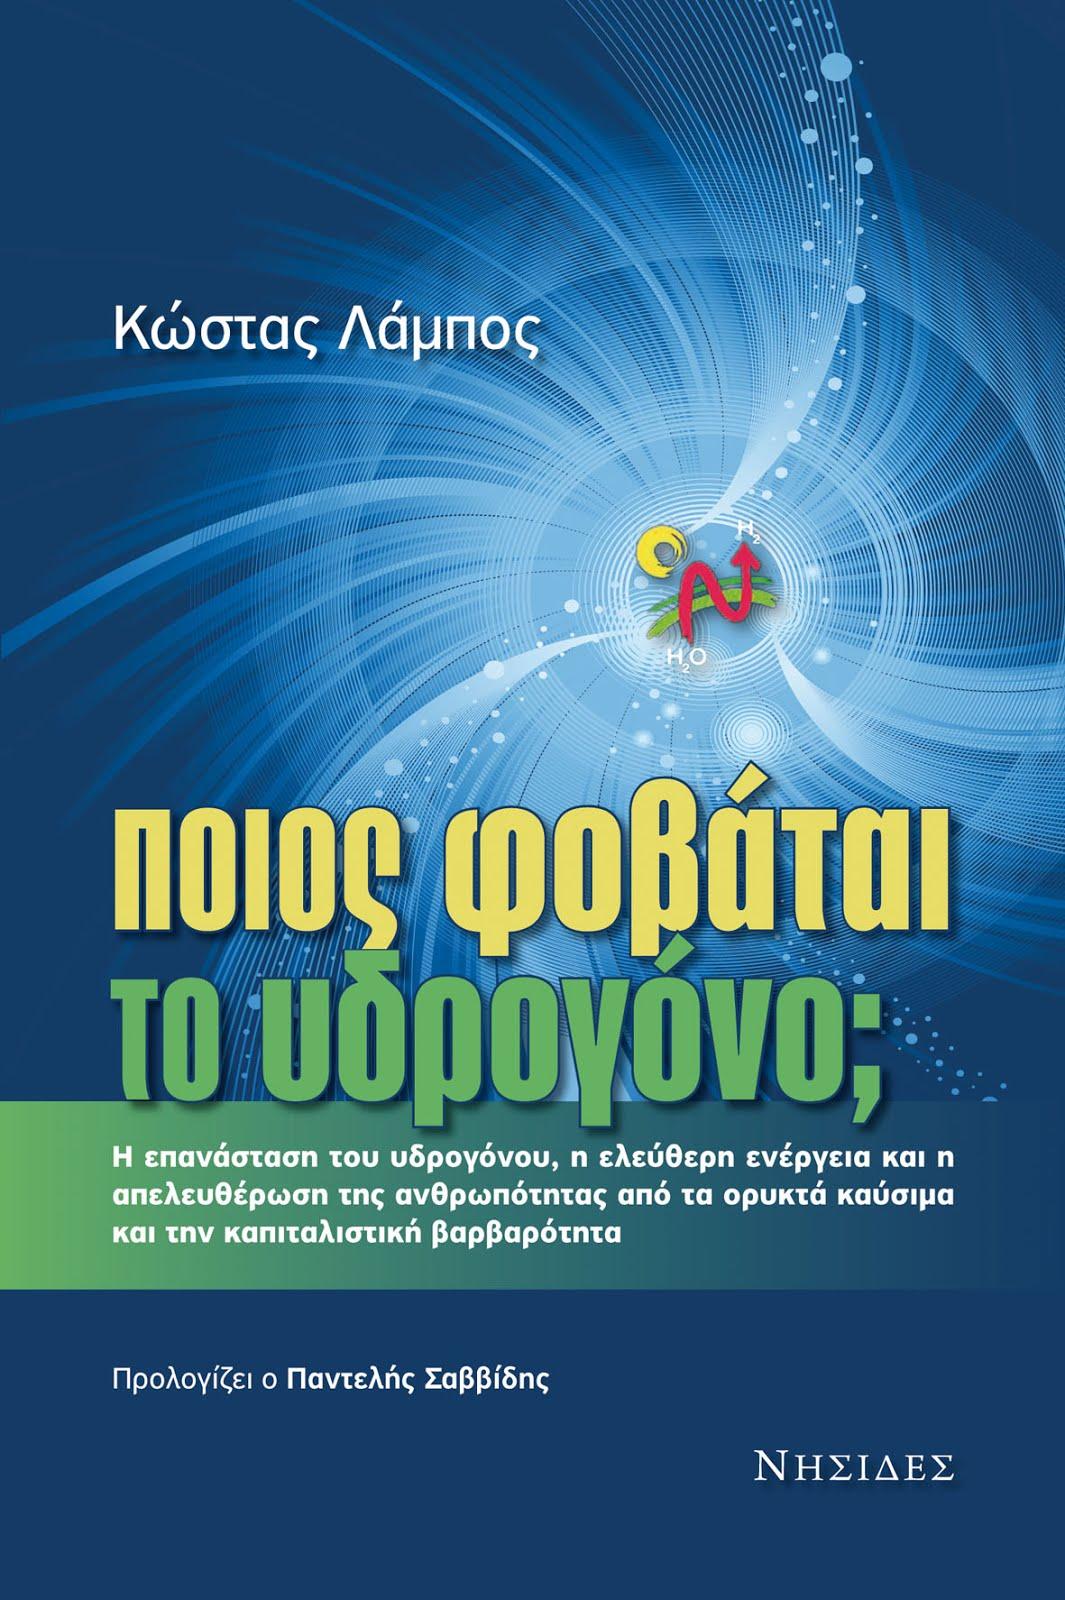 Υδρογόνο εναντίον ορυκτών καυσίμων